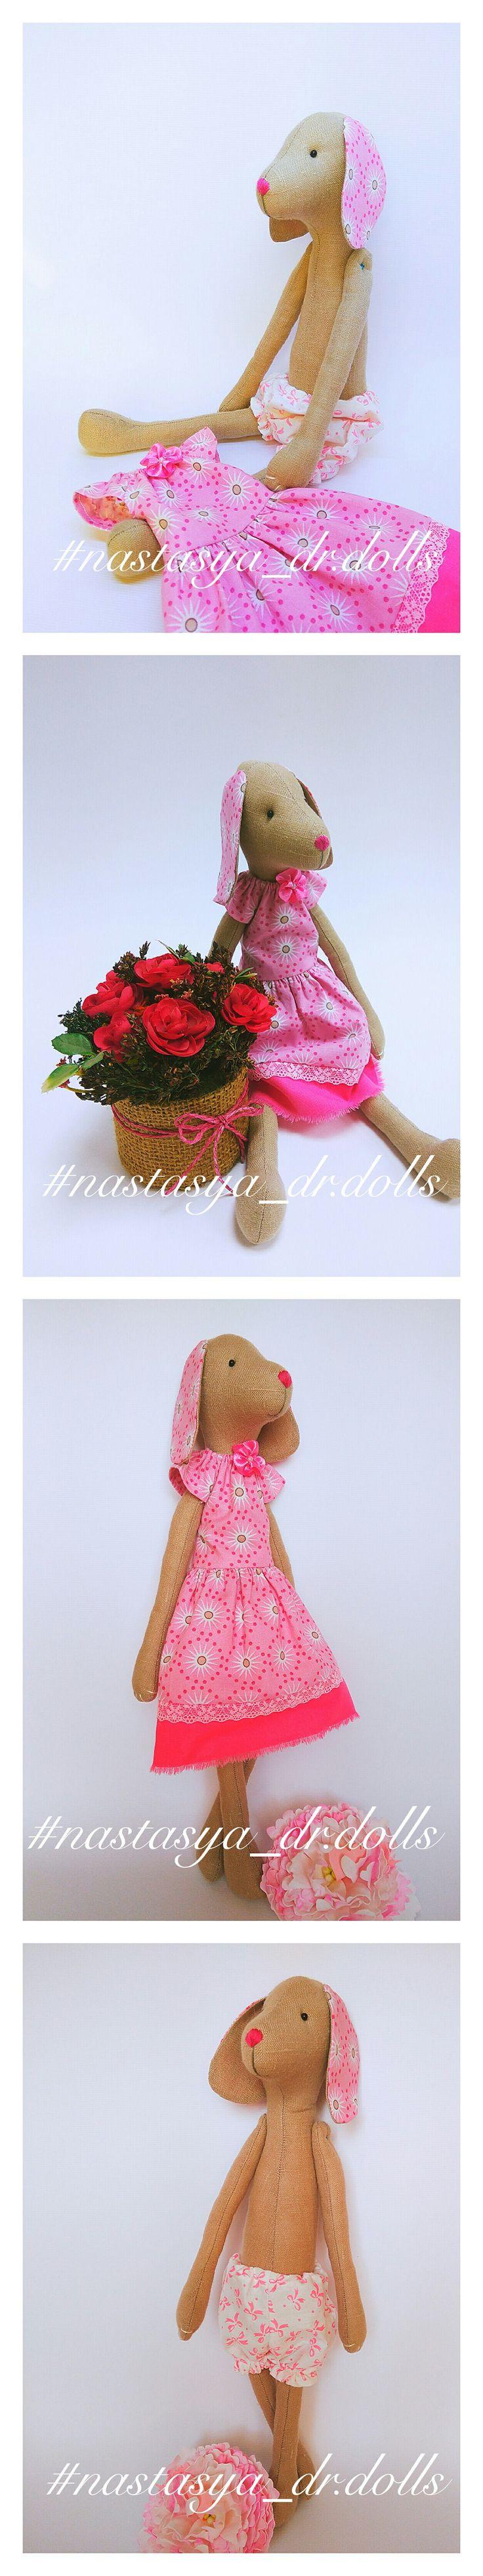 Текстильные собачки ручной работы хороший подарок к Новому году!!! Цена 1500р. #тильда #nastasya_dr.dolls #dog